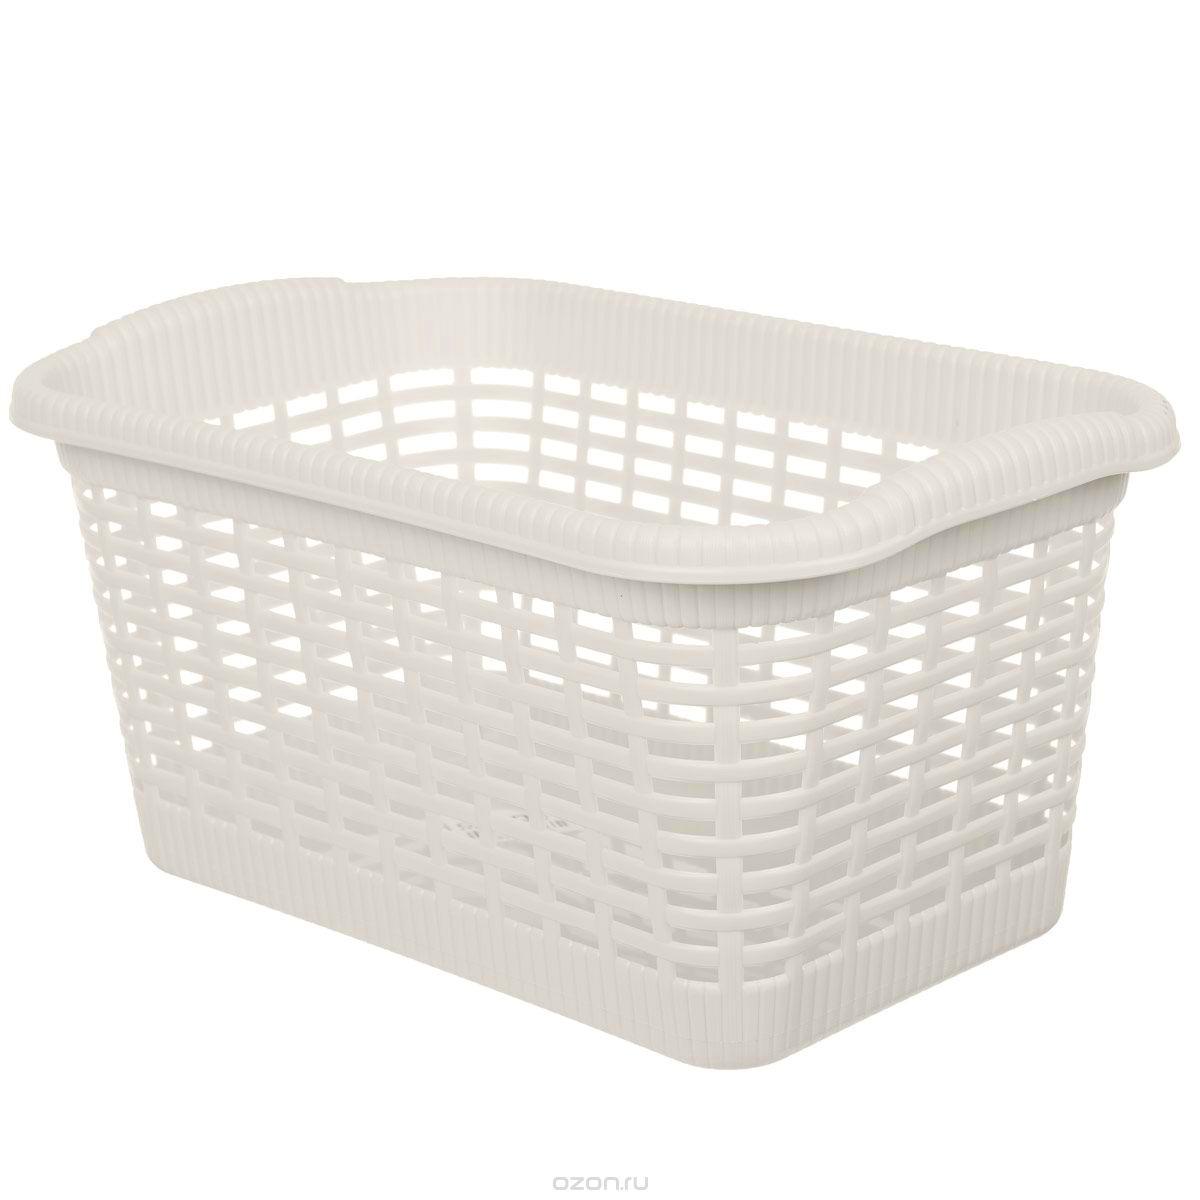 Корзина хозяйственная Gensini, цвет: светло-бежевый, 36 x 22,5 x 18 смZ-0307Универсальная корзина Gensini, выполненная из пластика, предназначена для хранения мелочей в ванной, на кухне, даче или гараже. Позволяет хранить мелкие вещи, исключая возможность их потери. Легкая воздушная корзина выполнена под плетенку и оснащена жесткой кромкой.Размер: 36 см x 22,5 см x 18 см. Объем: 15 л.